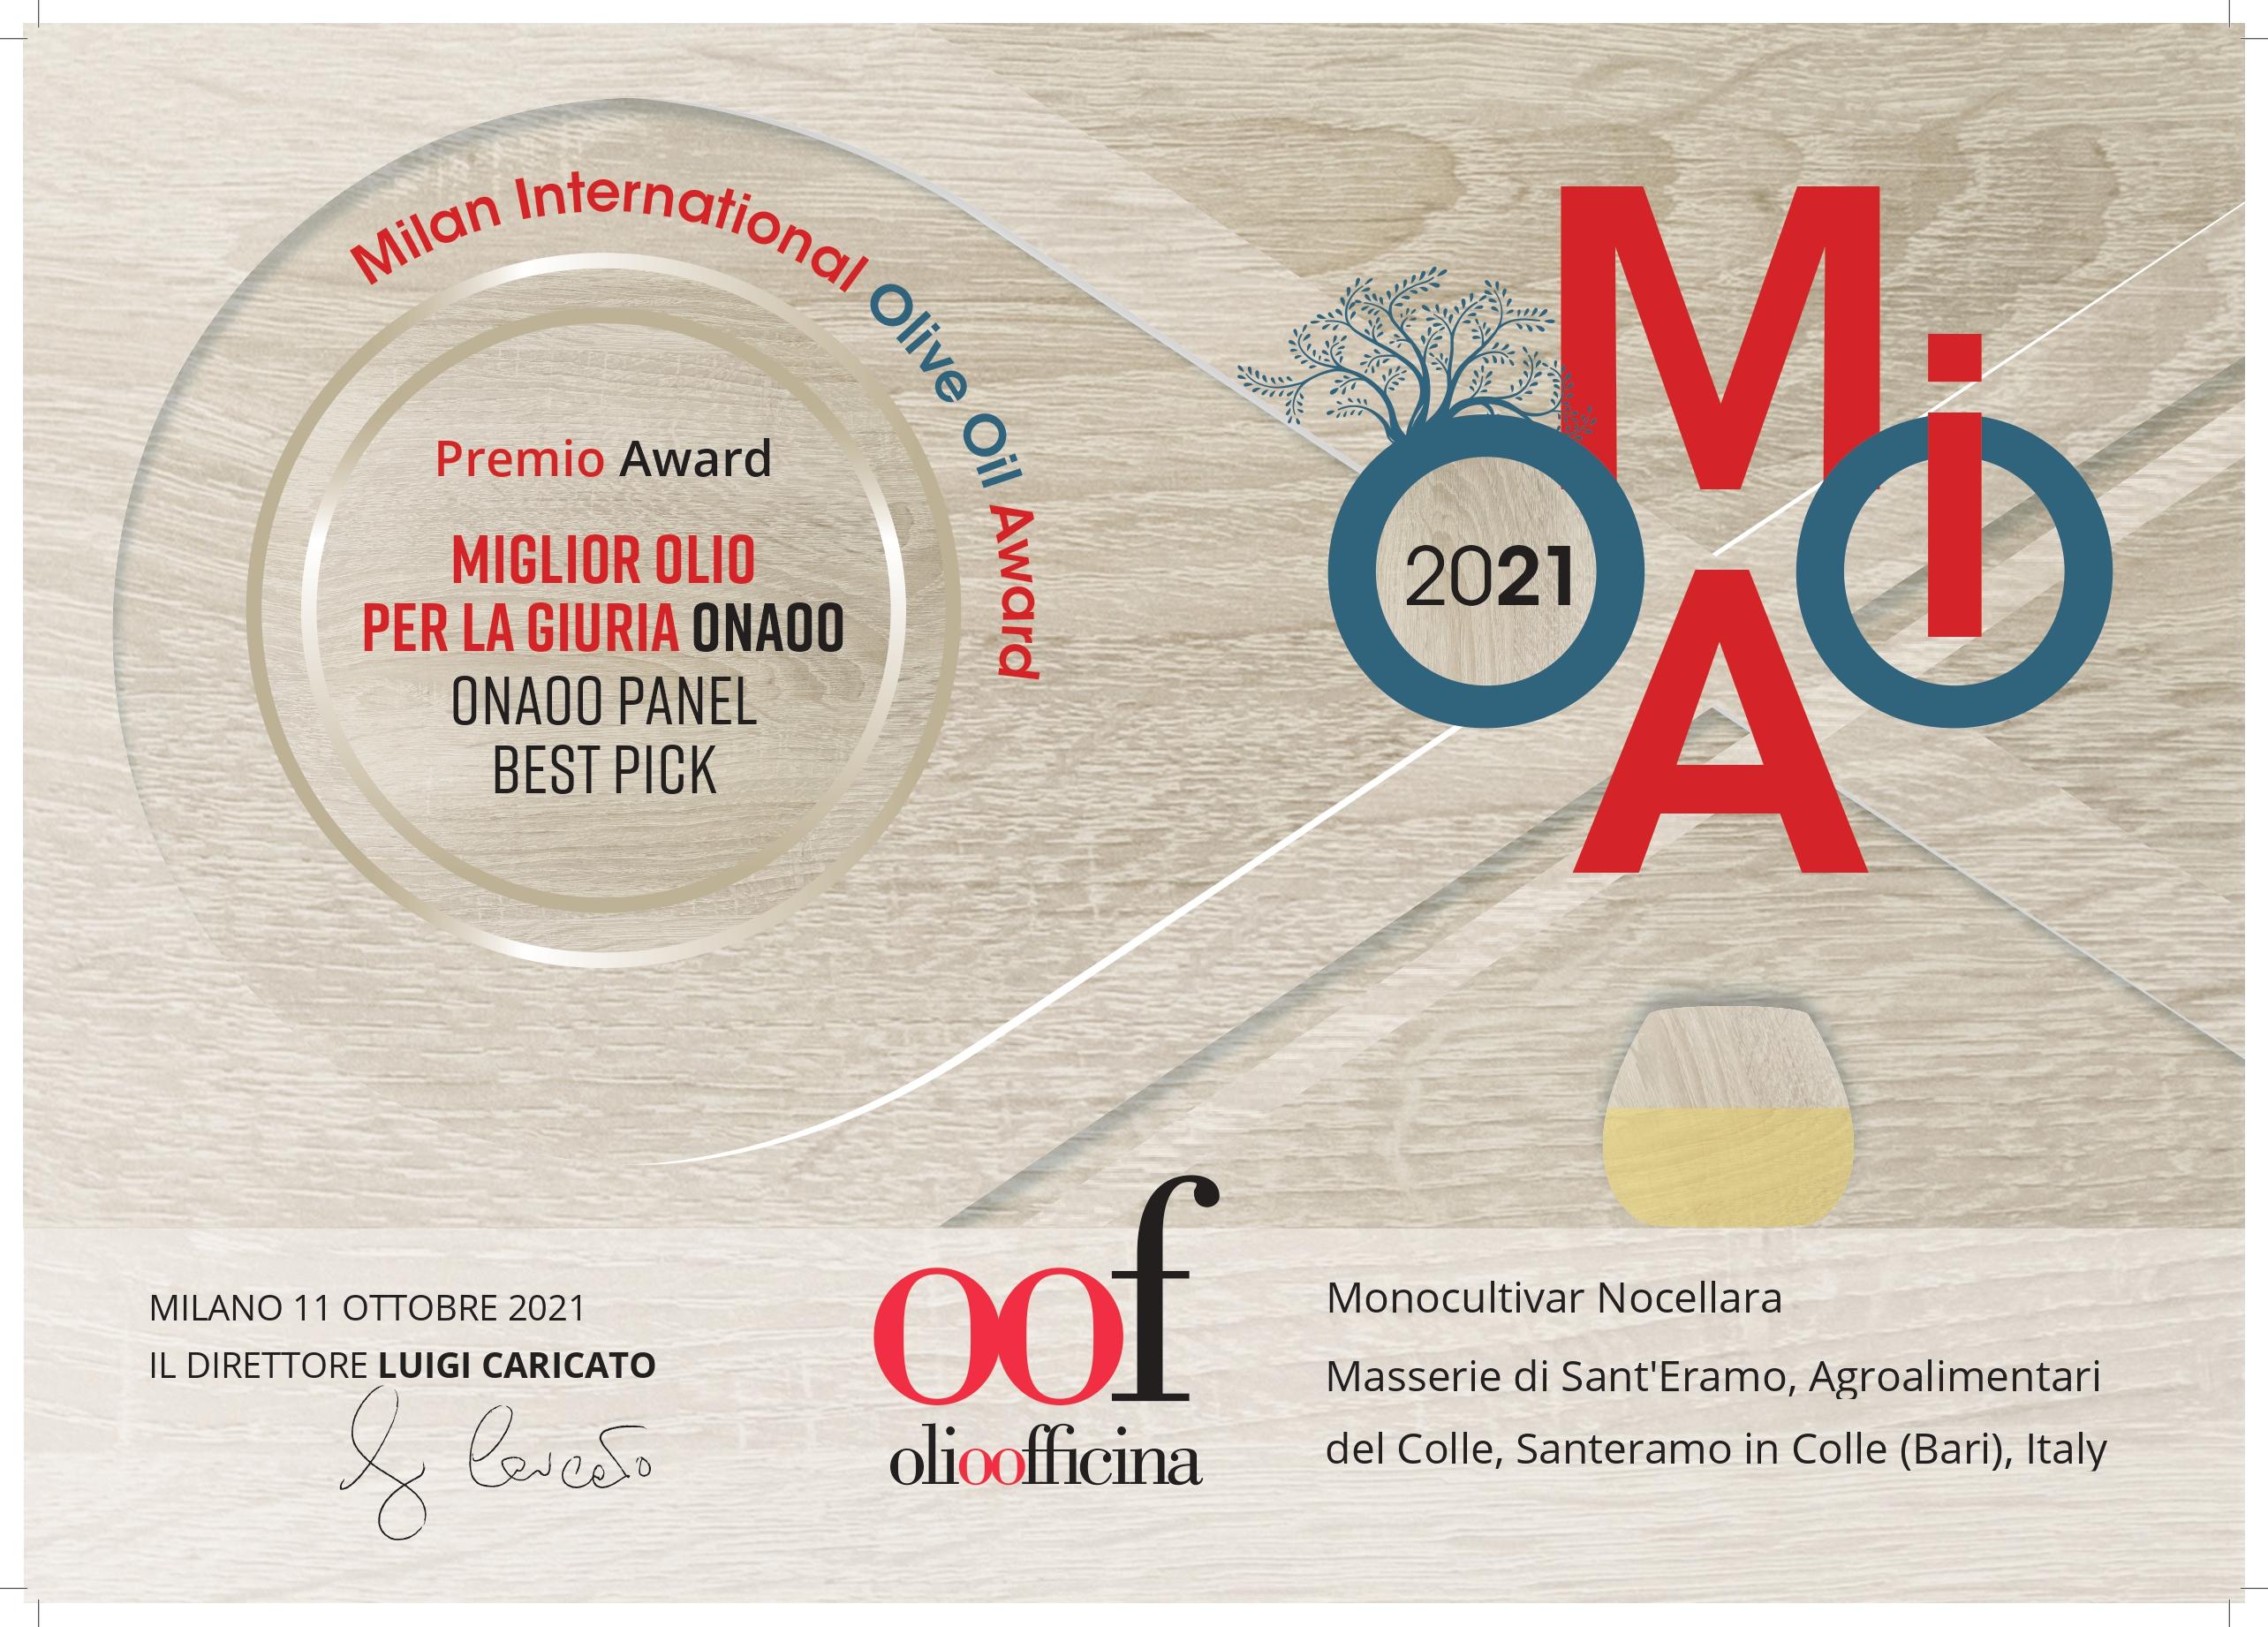 Masserie Di Sant'Eramo-Honored with 15 prestige awards across Europe, America and Dubai in 2020-2021